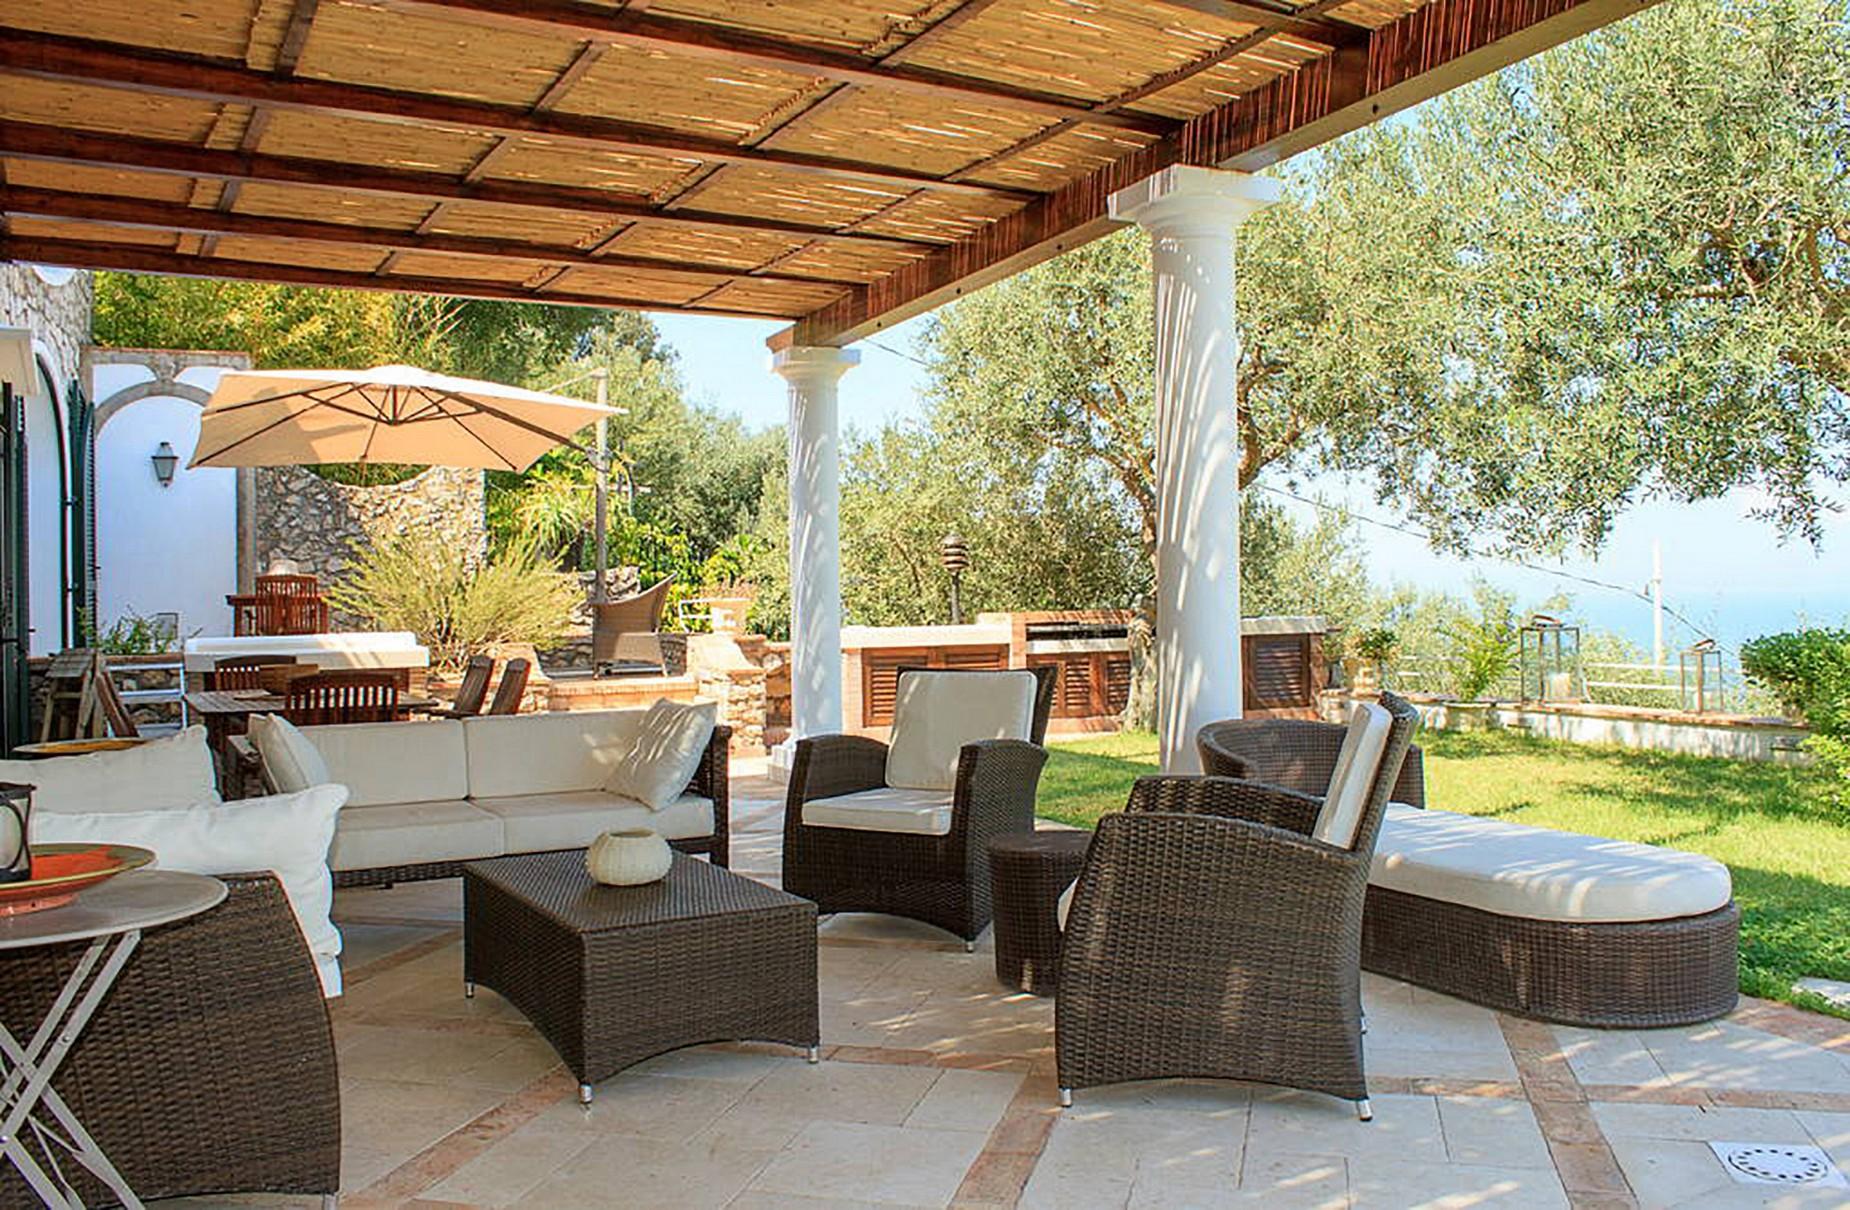 Villa in Vendita a Capri: 5 locali, 150 mq - Foto 3